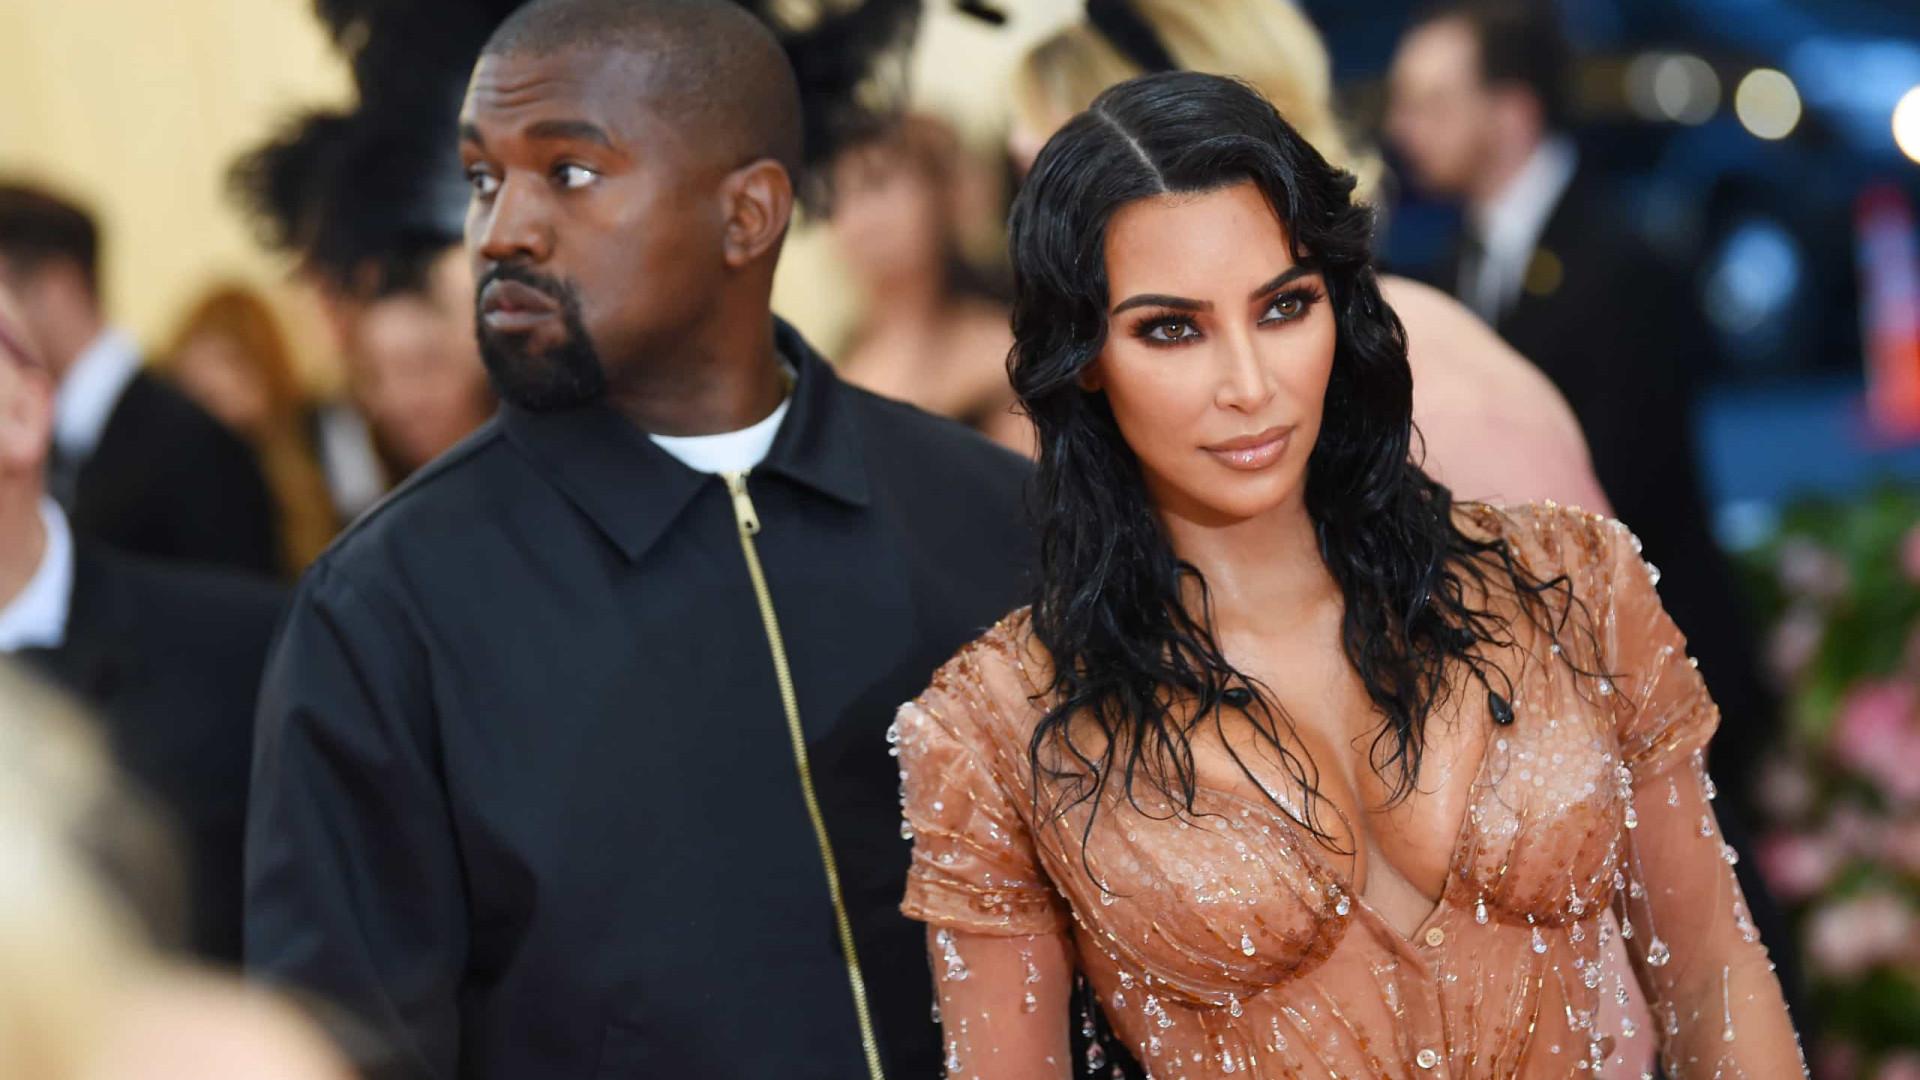 Natal 2019: A foto oficial de família de Kim Kardashian e Kanye West